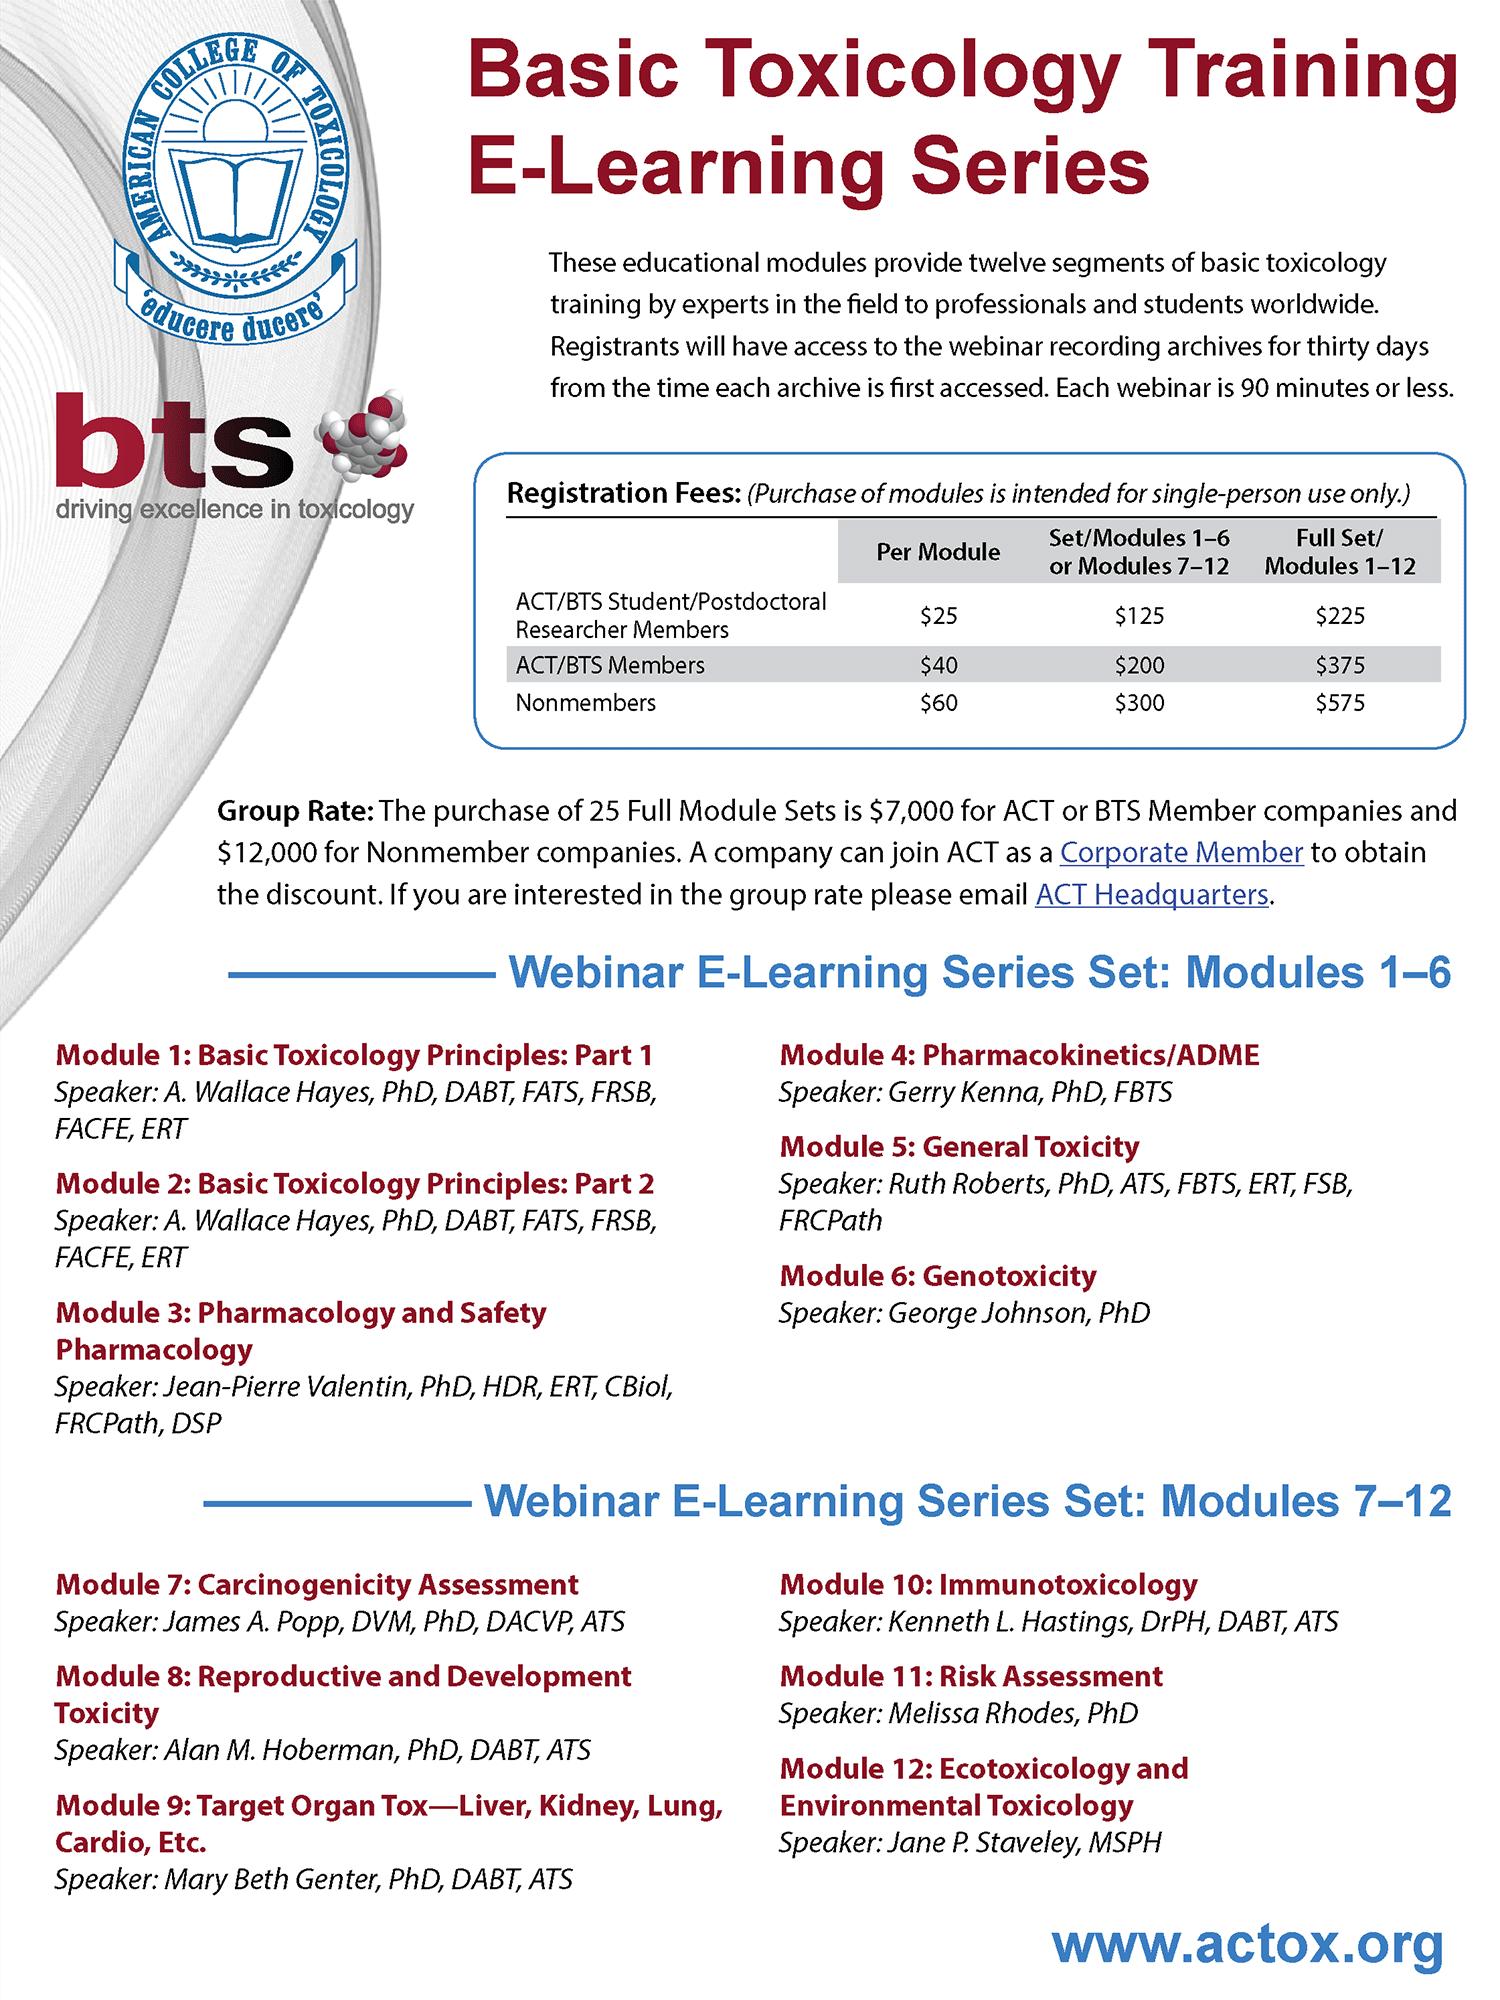 Basic Toxicology Training E-Learning Series